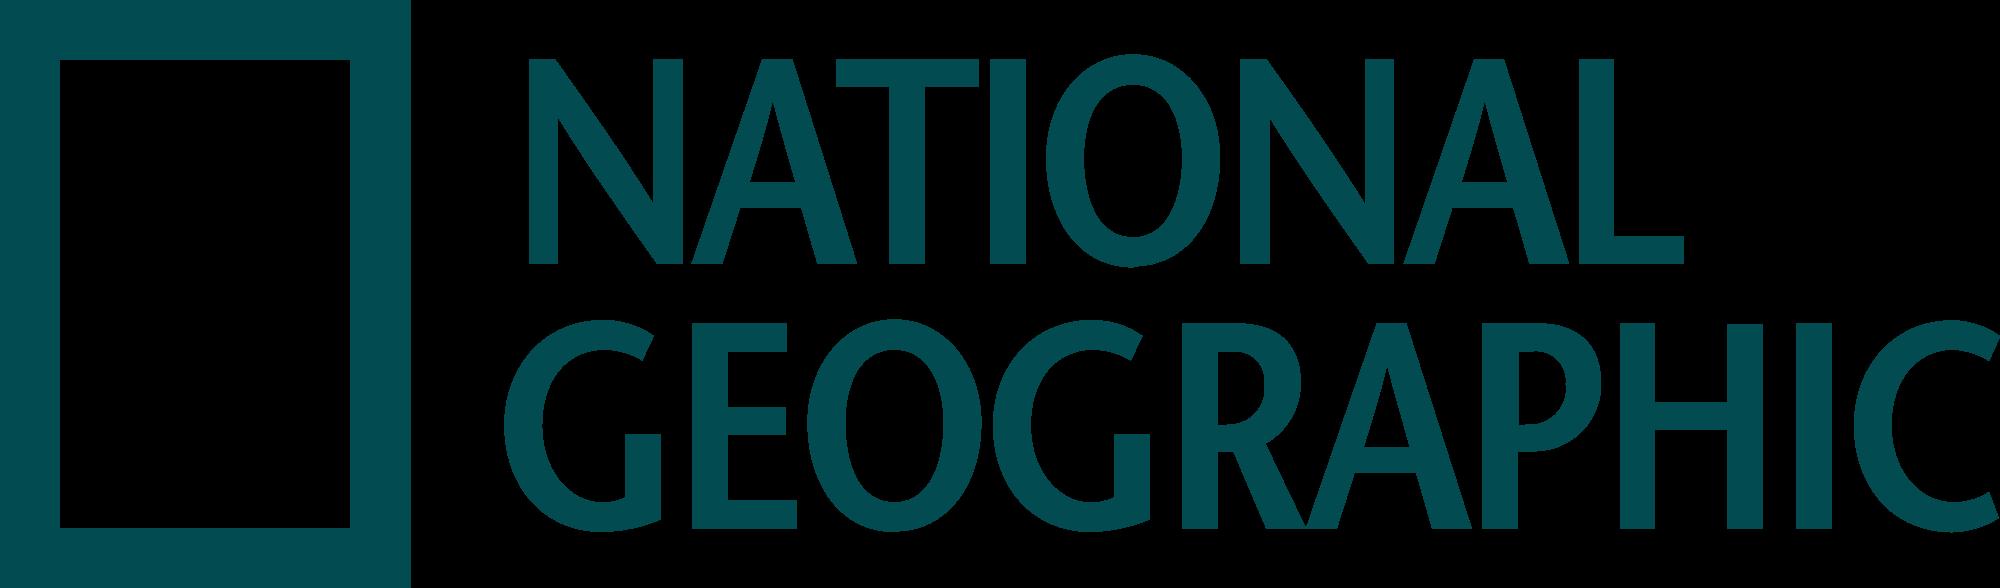 2000px-Natgeologo.png